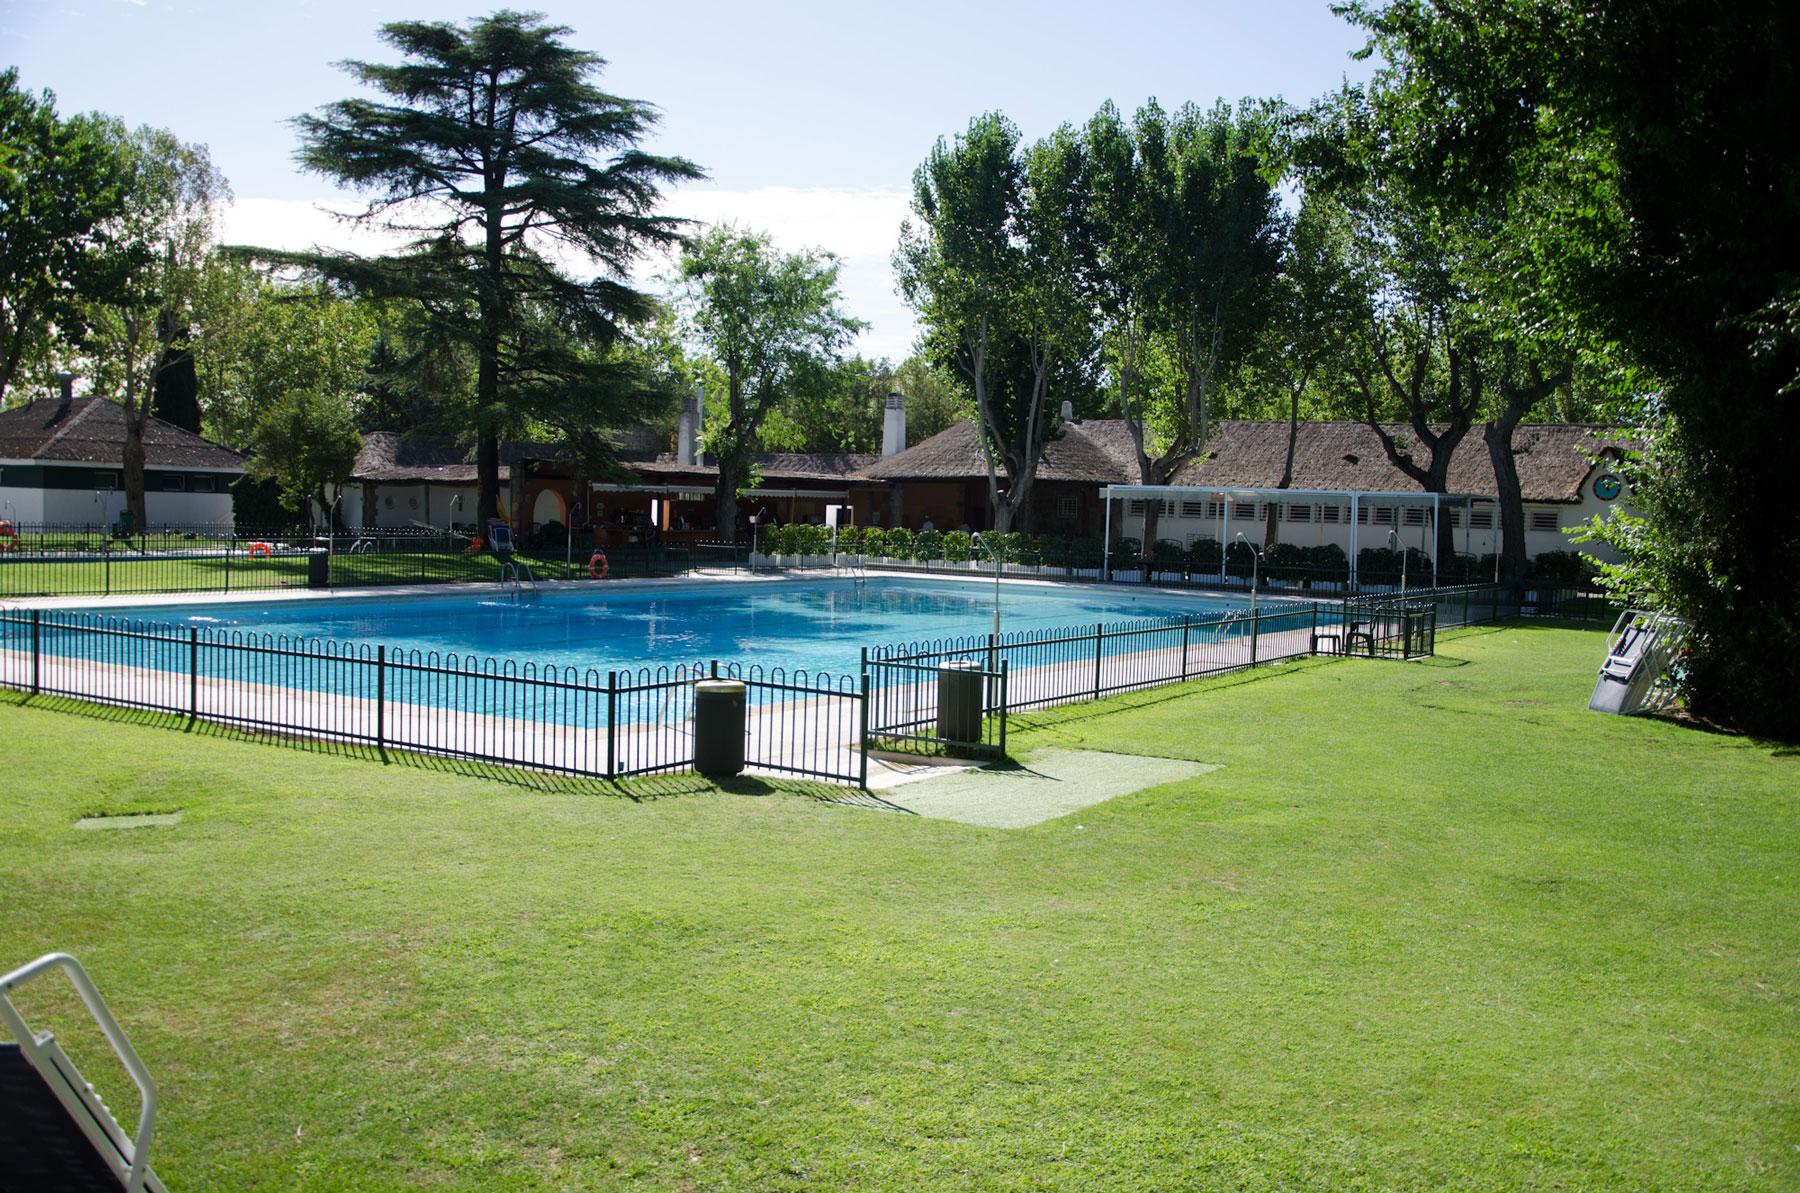 Piscina de verano del Club de Campo Villa de Madrid.